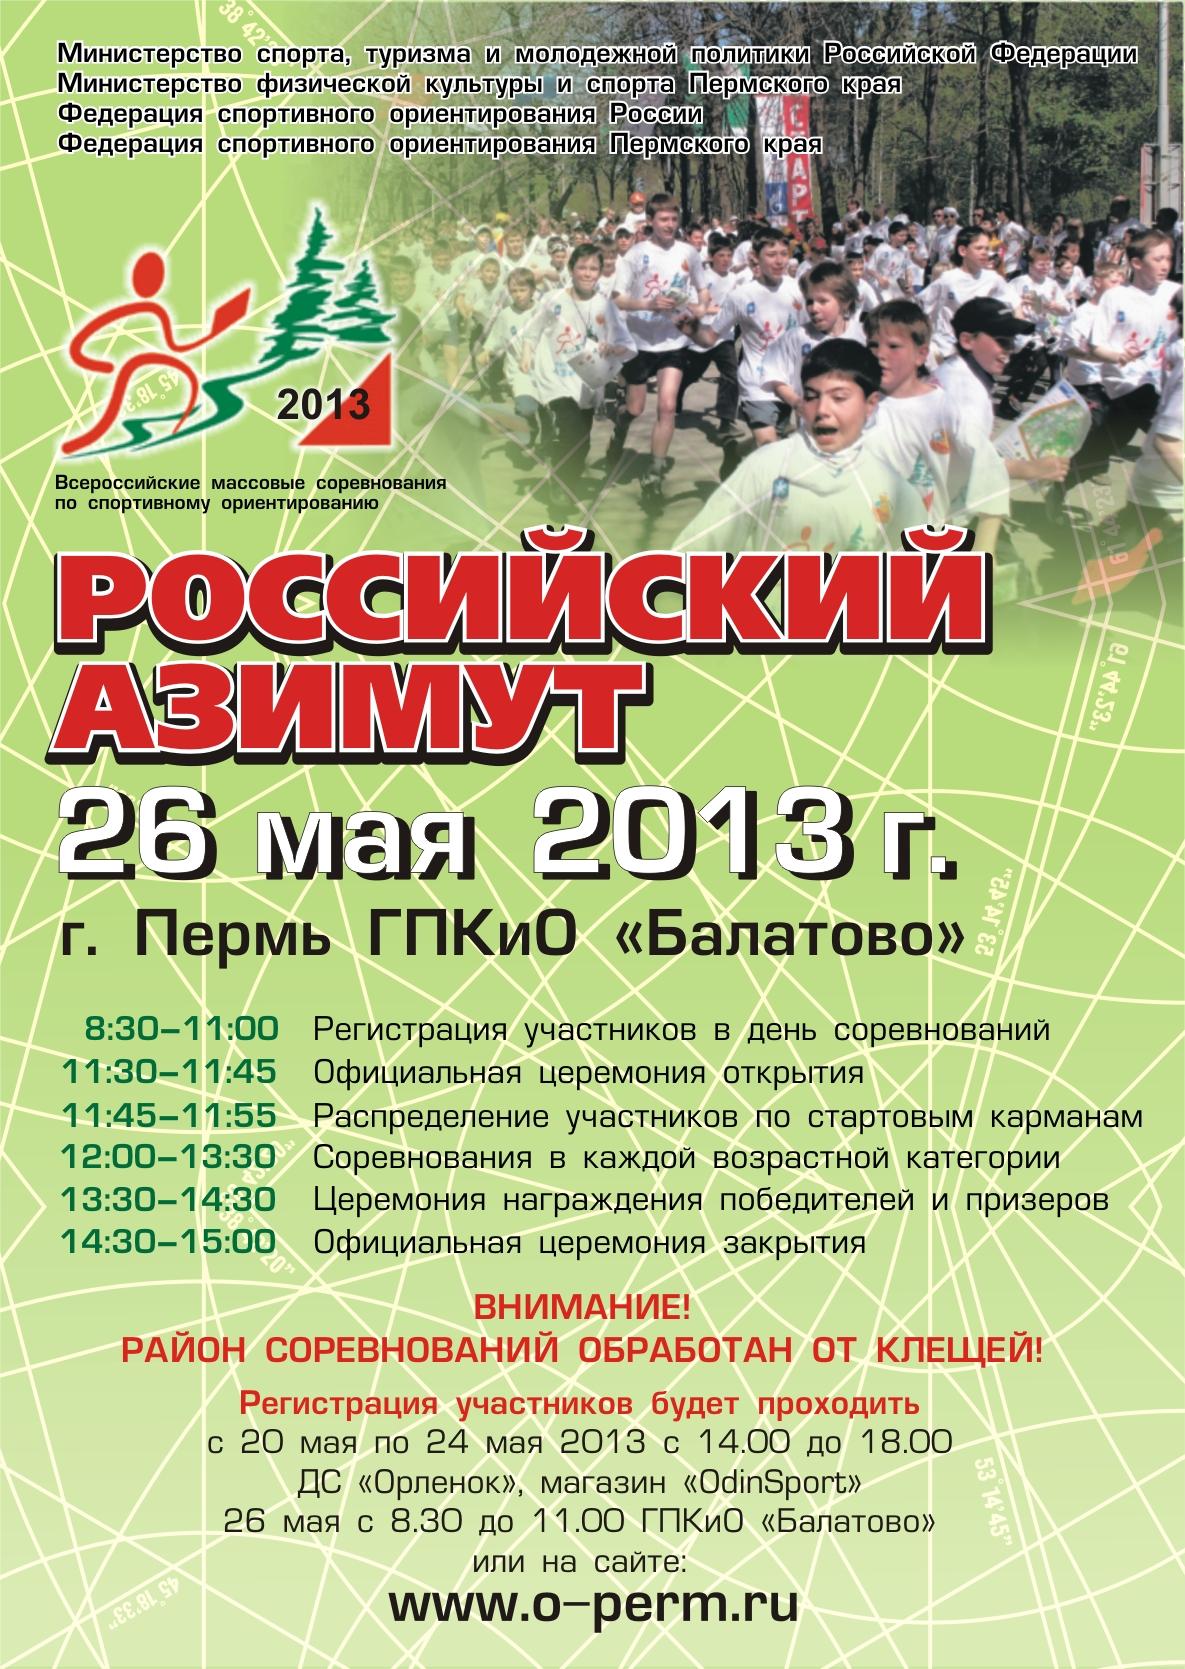 Российский азимут 2013 в Перми